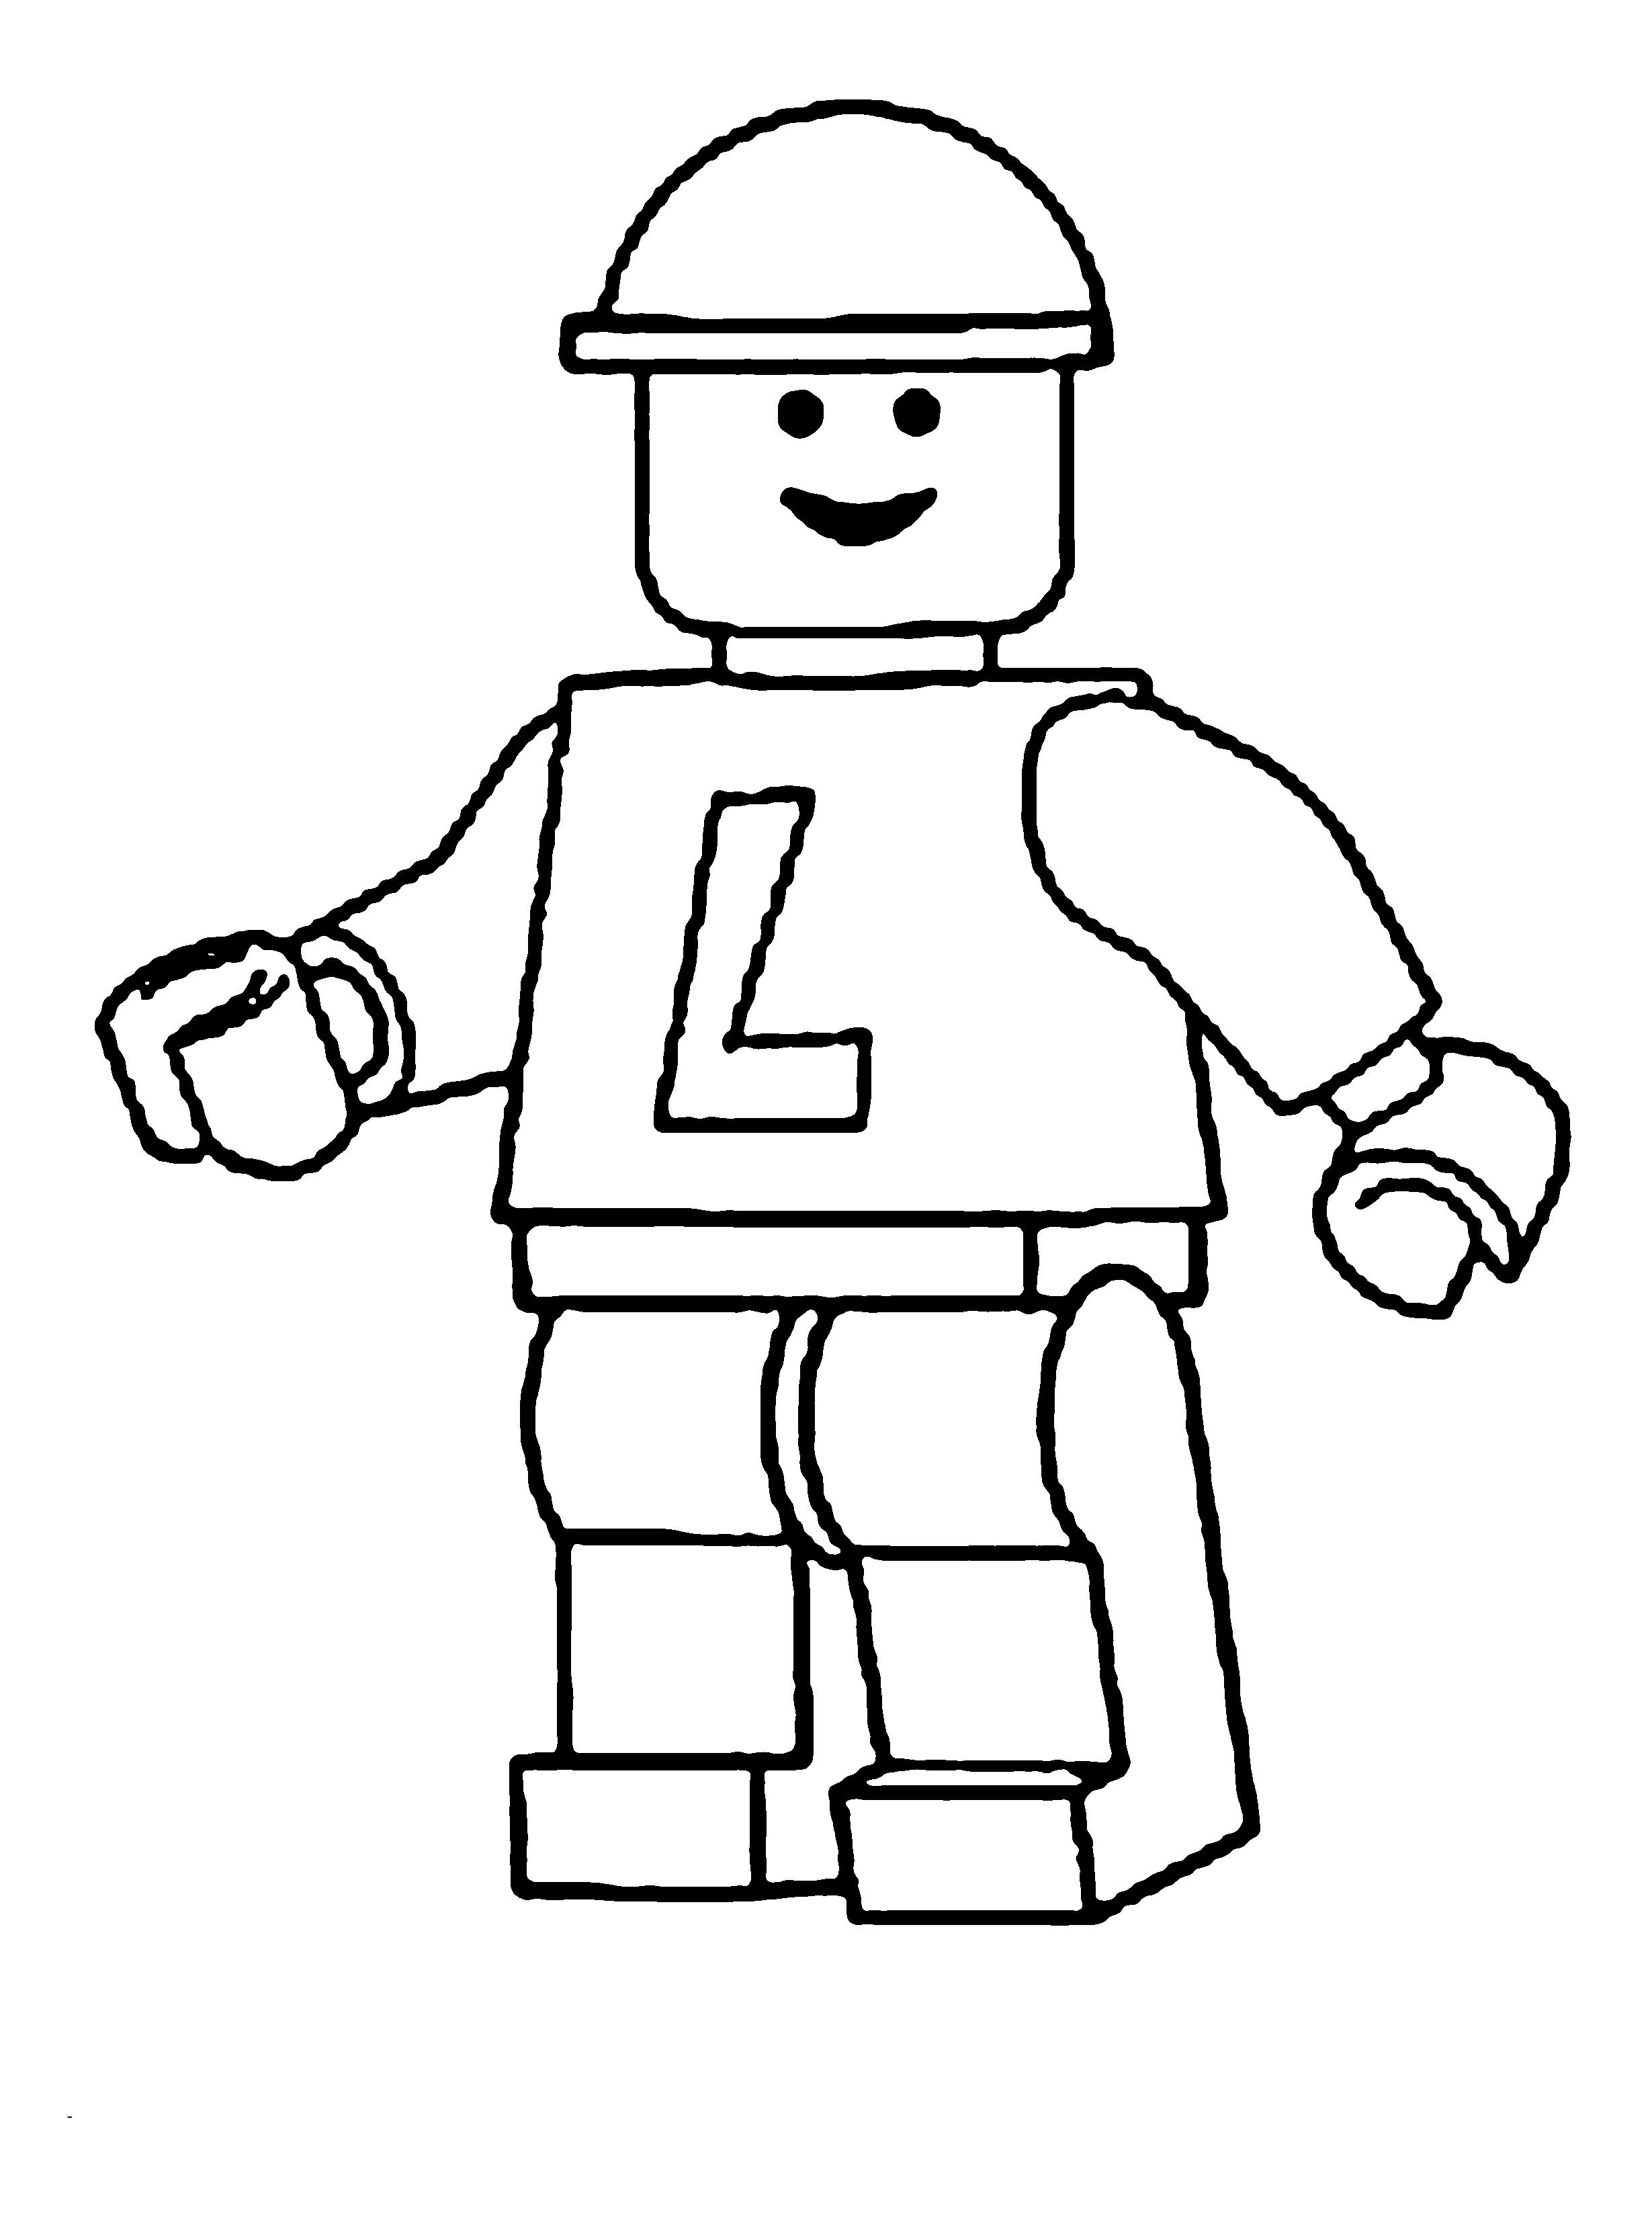 Desenho De Lego Brinquedo Para Colorir